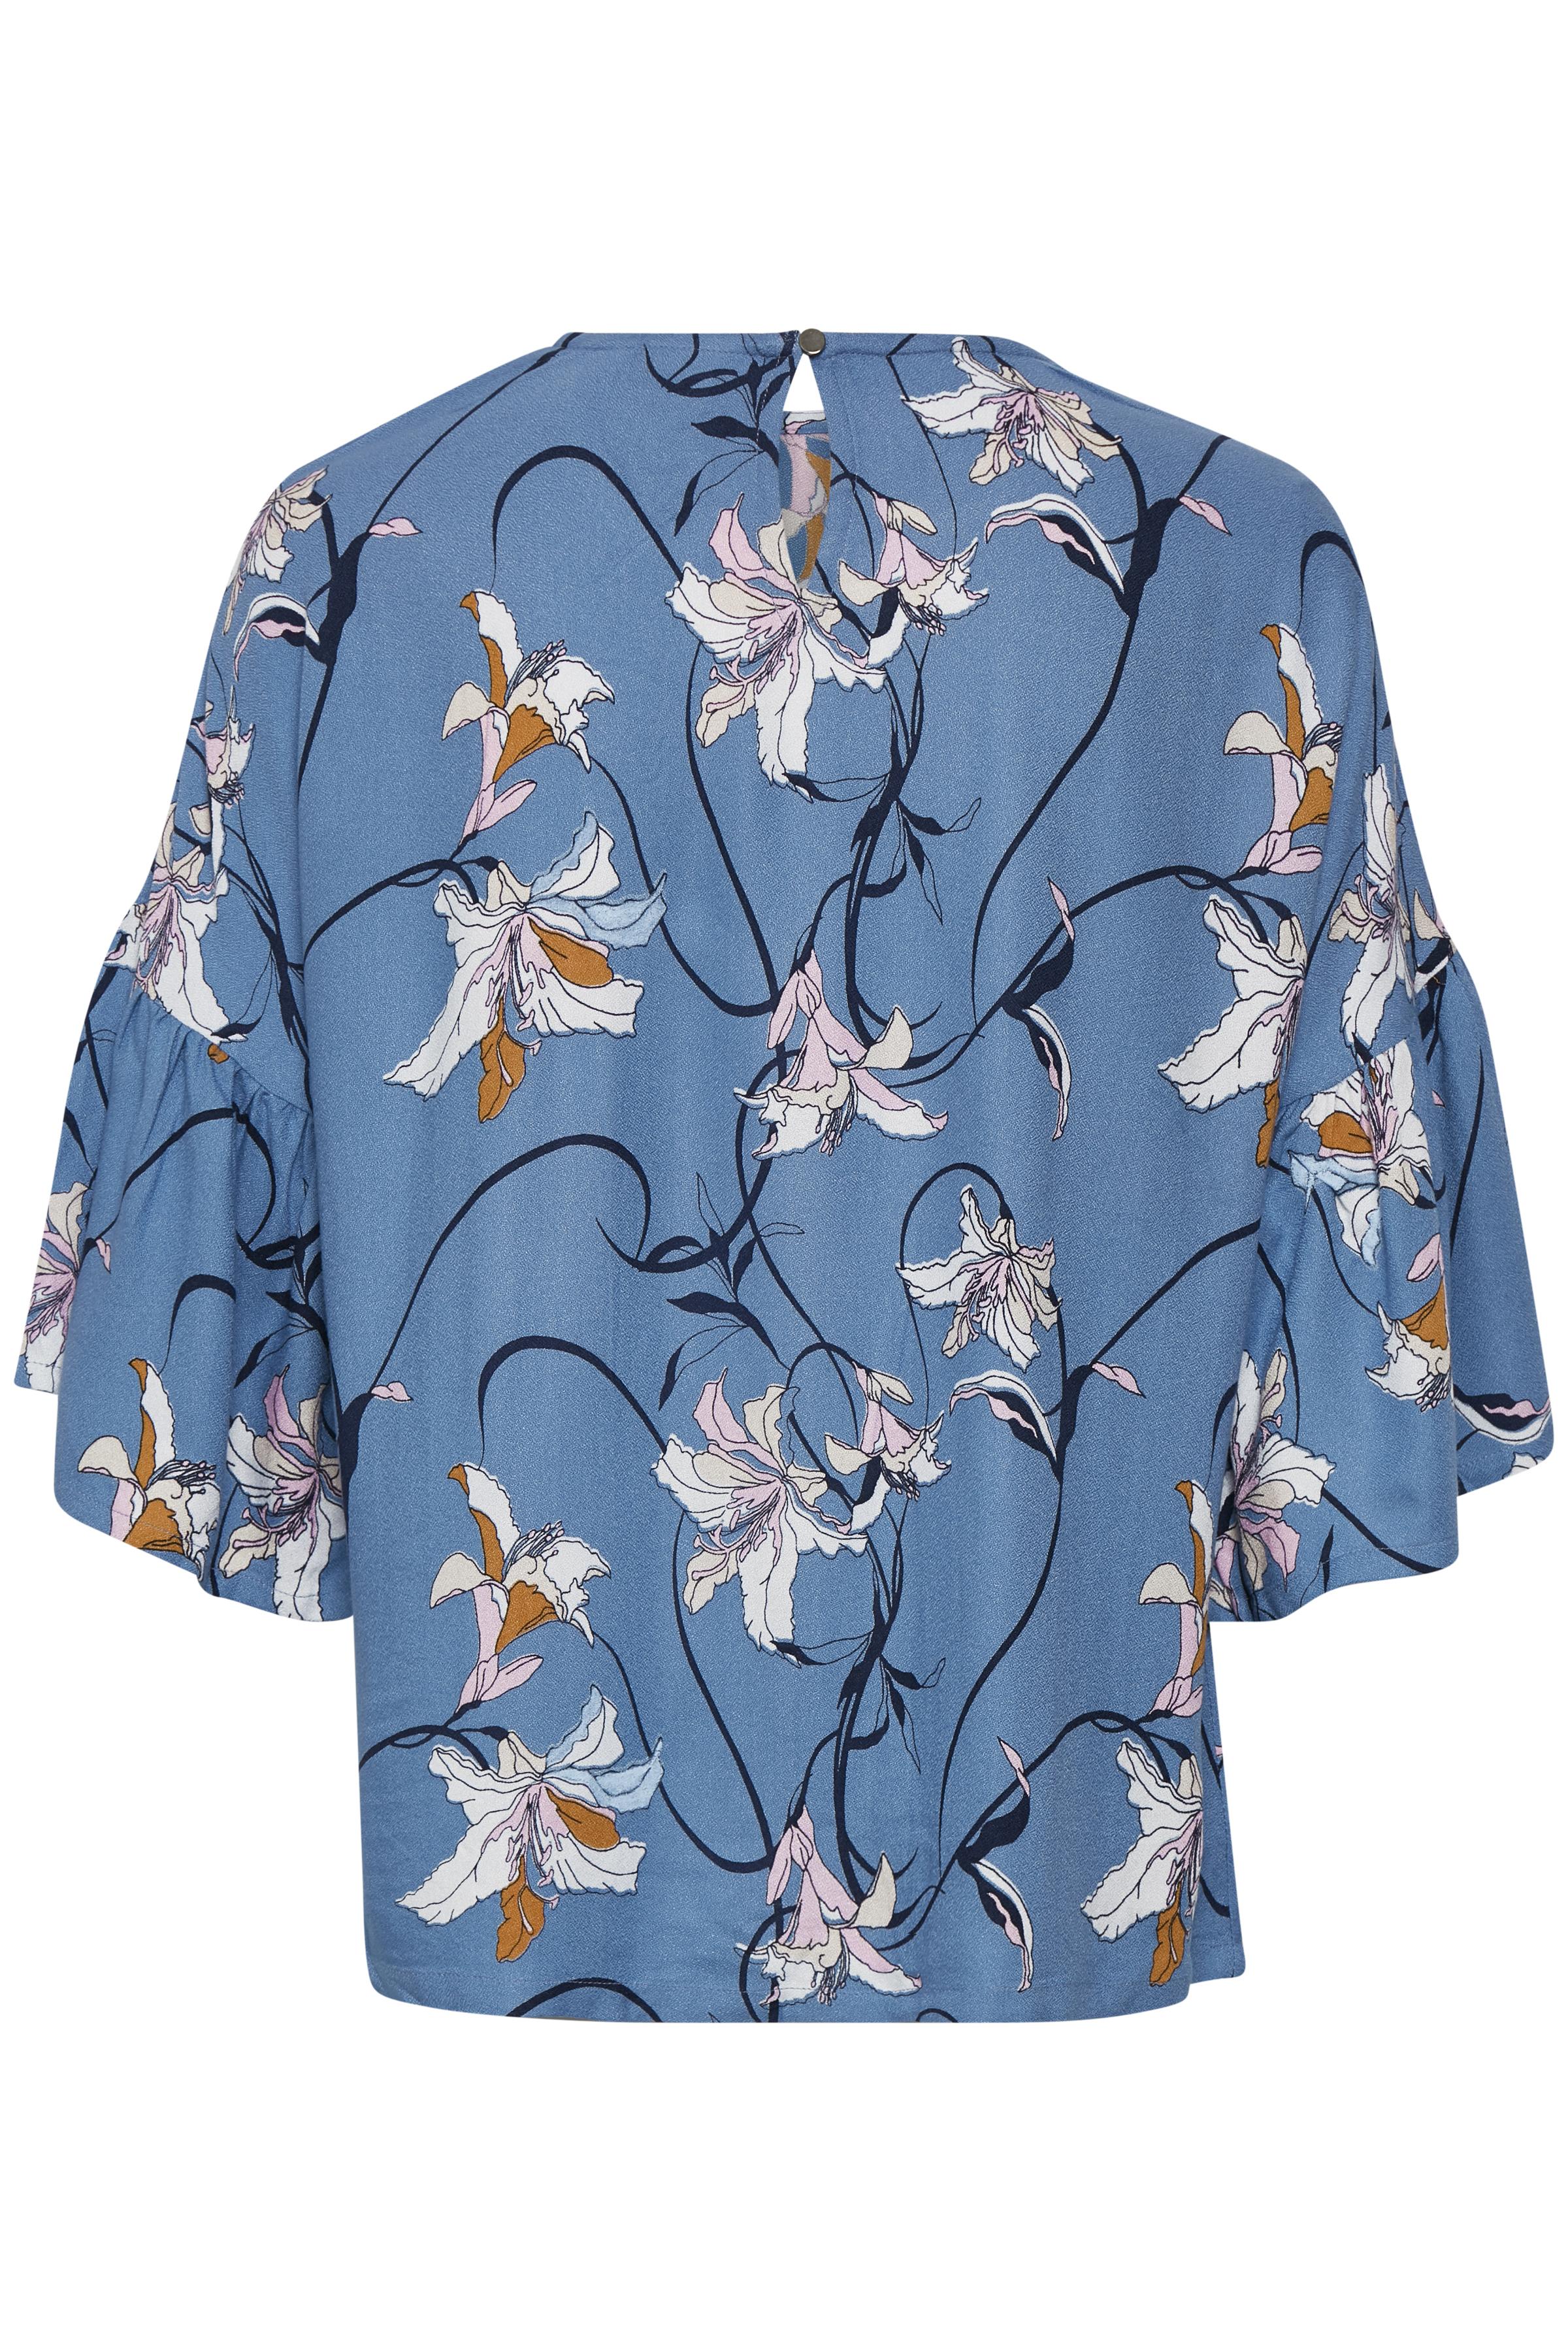 Misty blauw/wit Shirt  van Kaffe – Door Misty blauw/wit Shirt  van maat. 34-46 hier